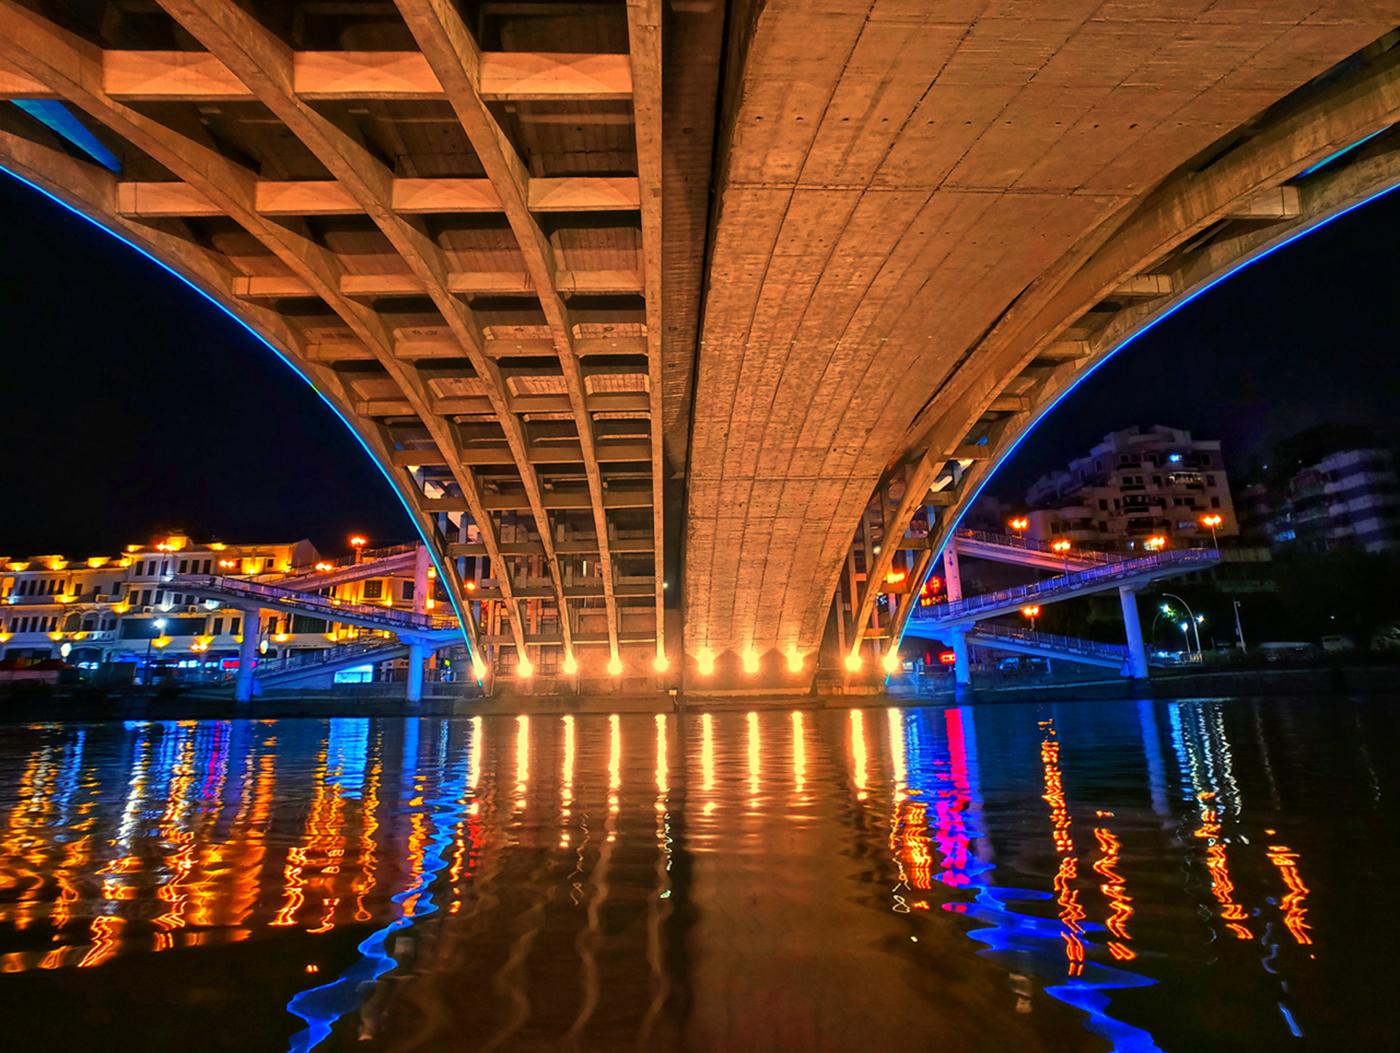 003《城市之桥》.jpg